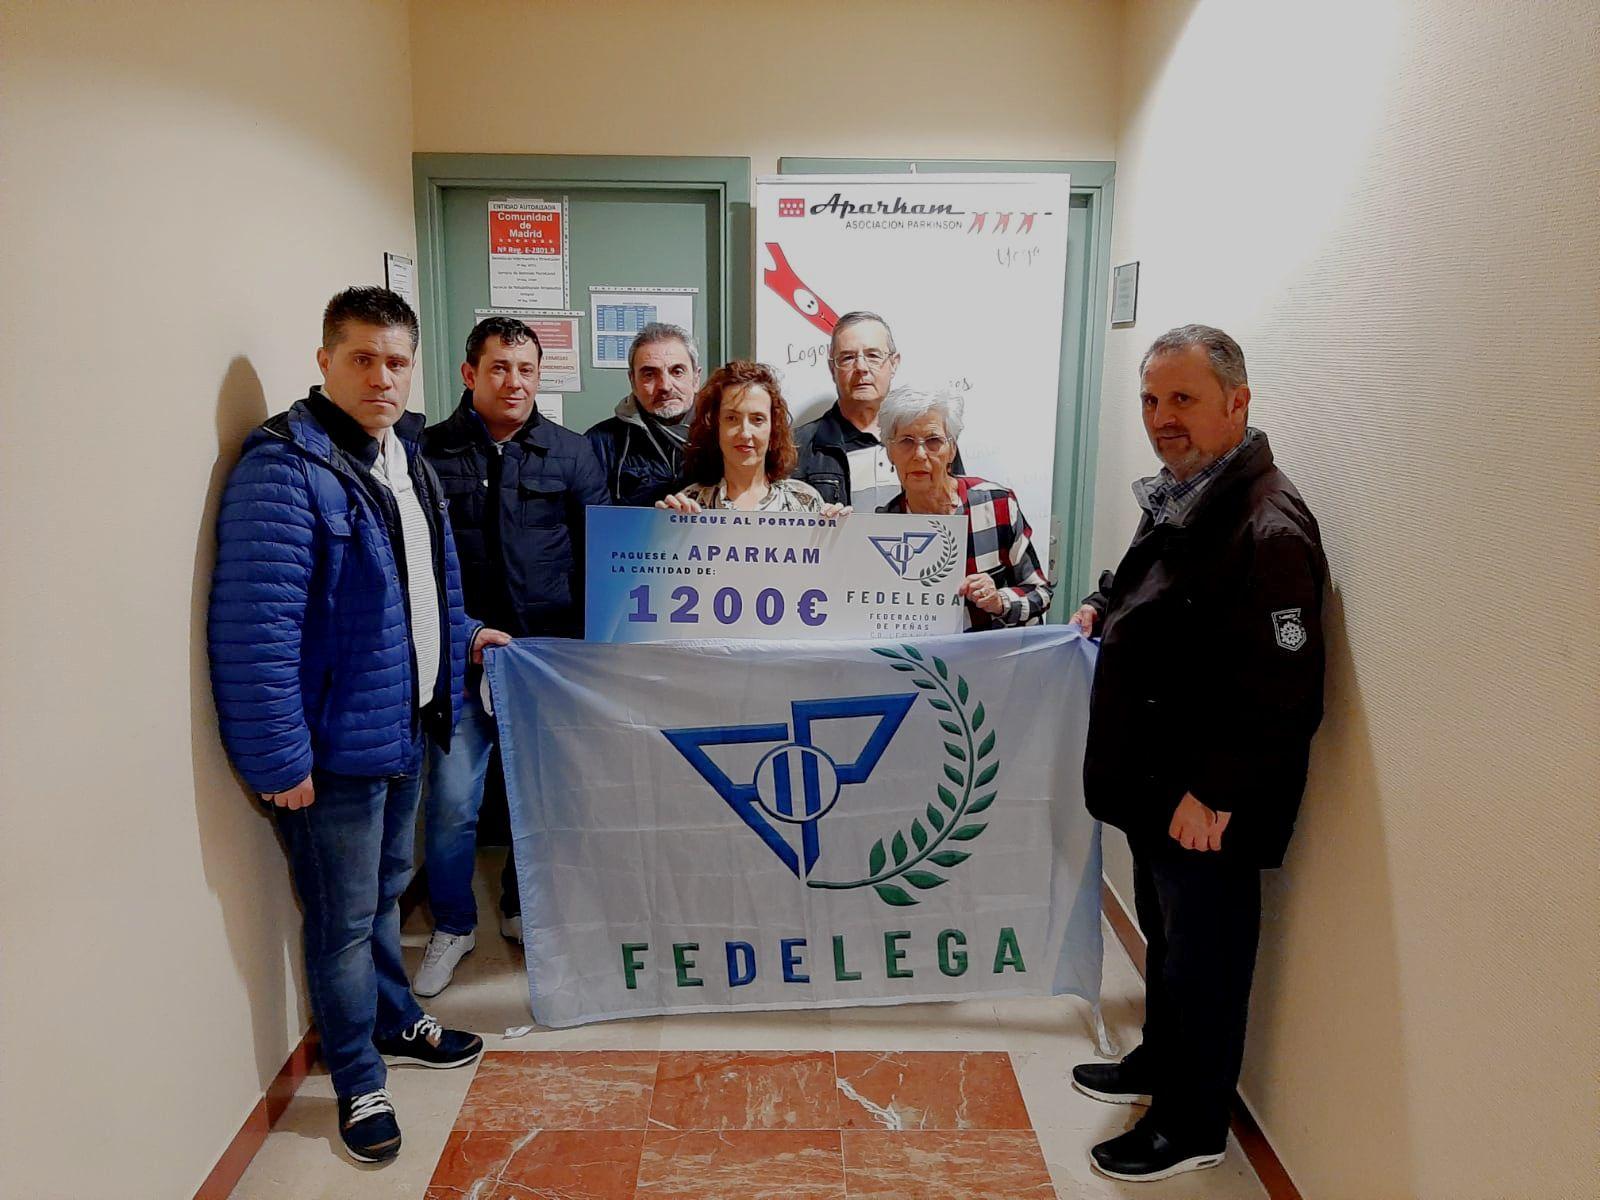 La Federación de Peñas del CD Leganés dona 1200 euros a la asociación párkinson